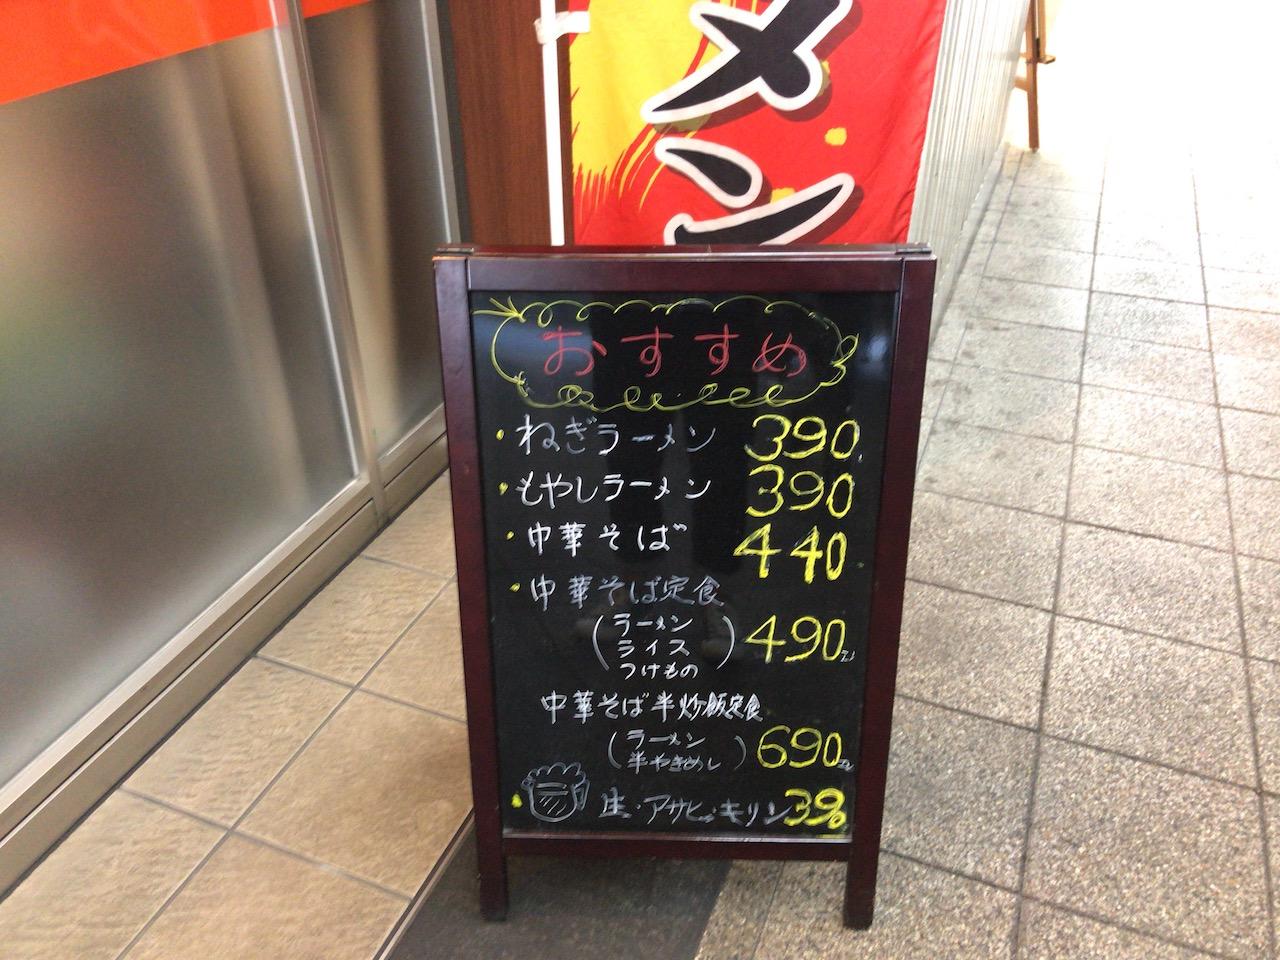 姫路駅東口出てすぐの中華料理屋「飛龍」でランチにサービスセット食べた!クセがすごいんじゃ〜